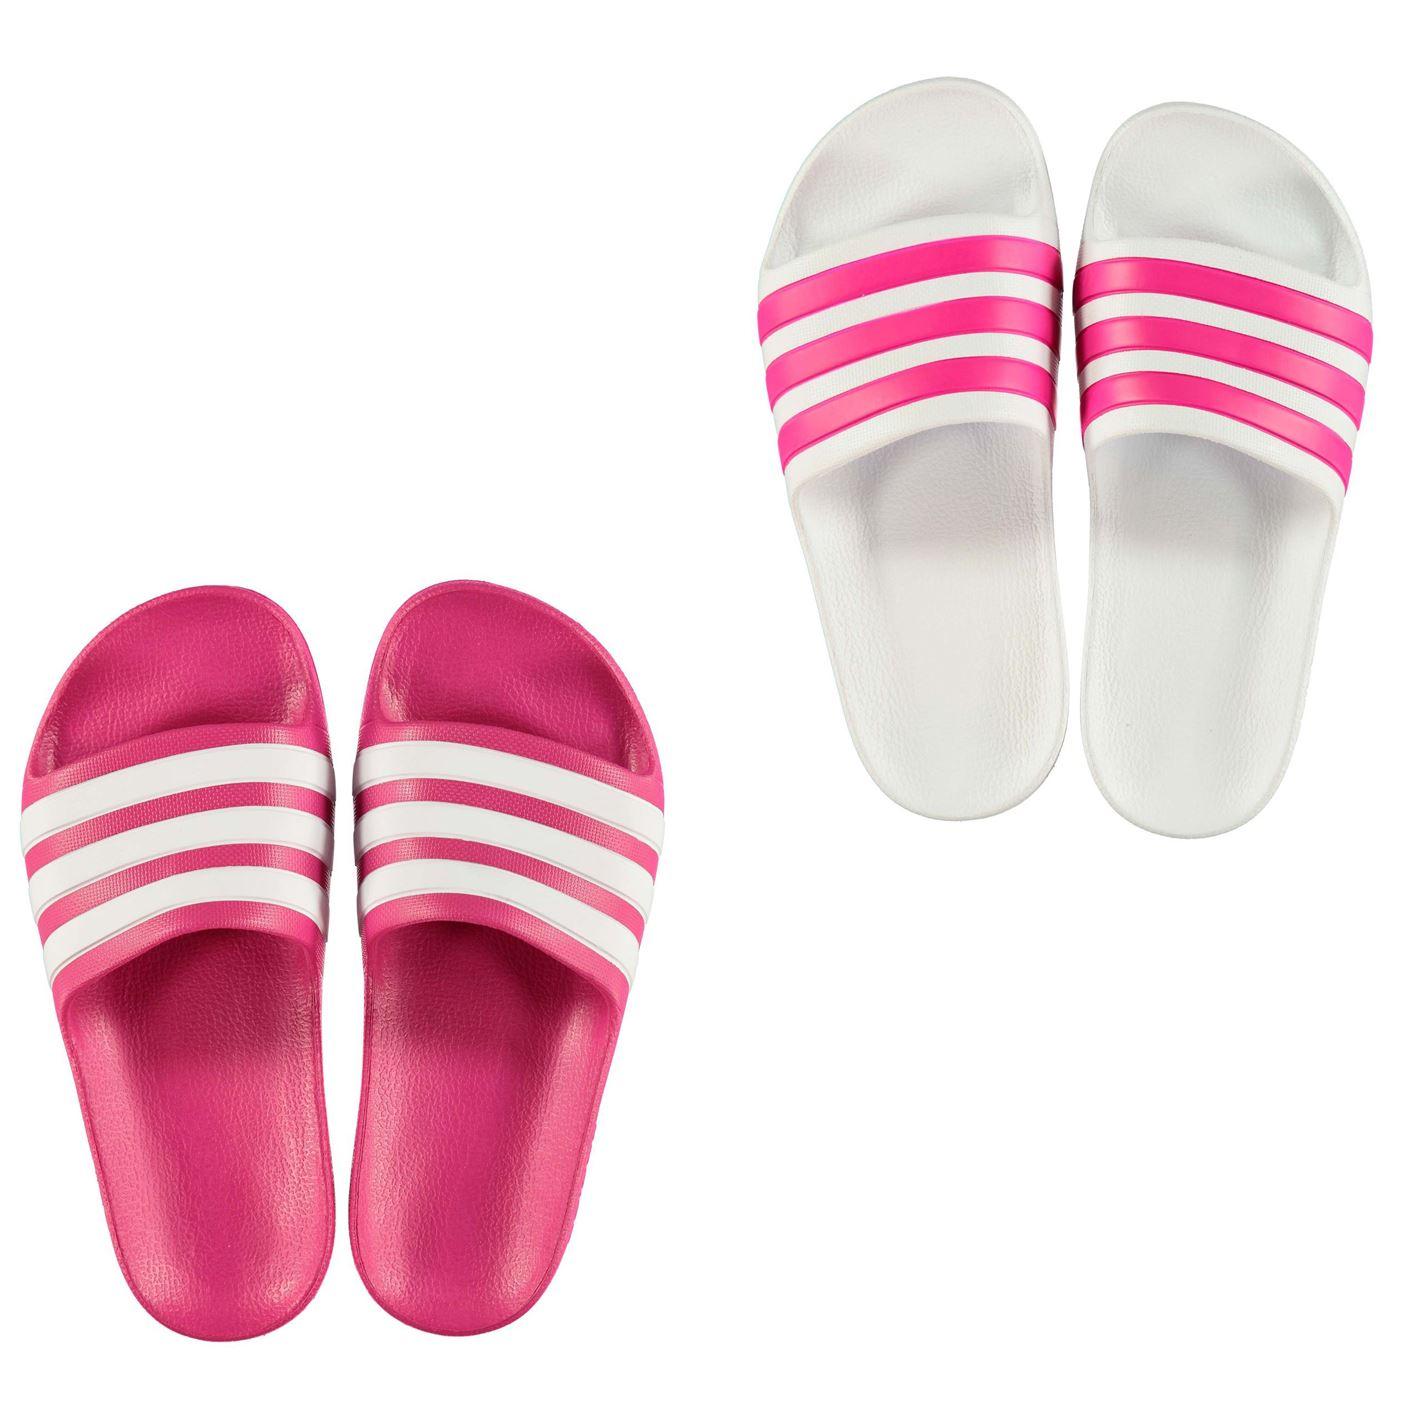 Dettagli su Adidas Duramo Scivolosi Scarpe da Piscina Juniors Ragazze Sandalo Infradito Mare